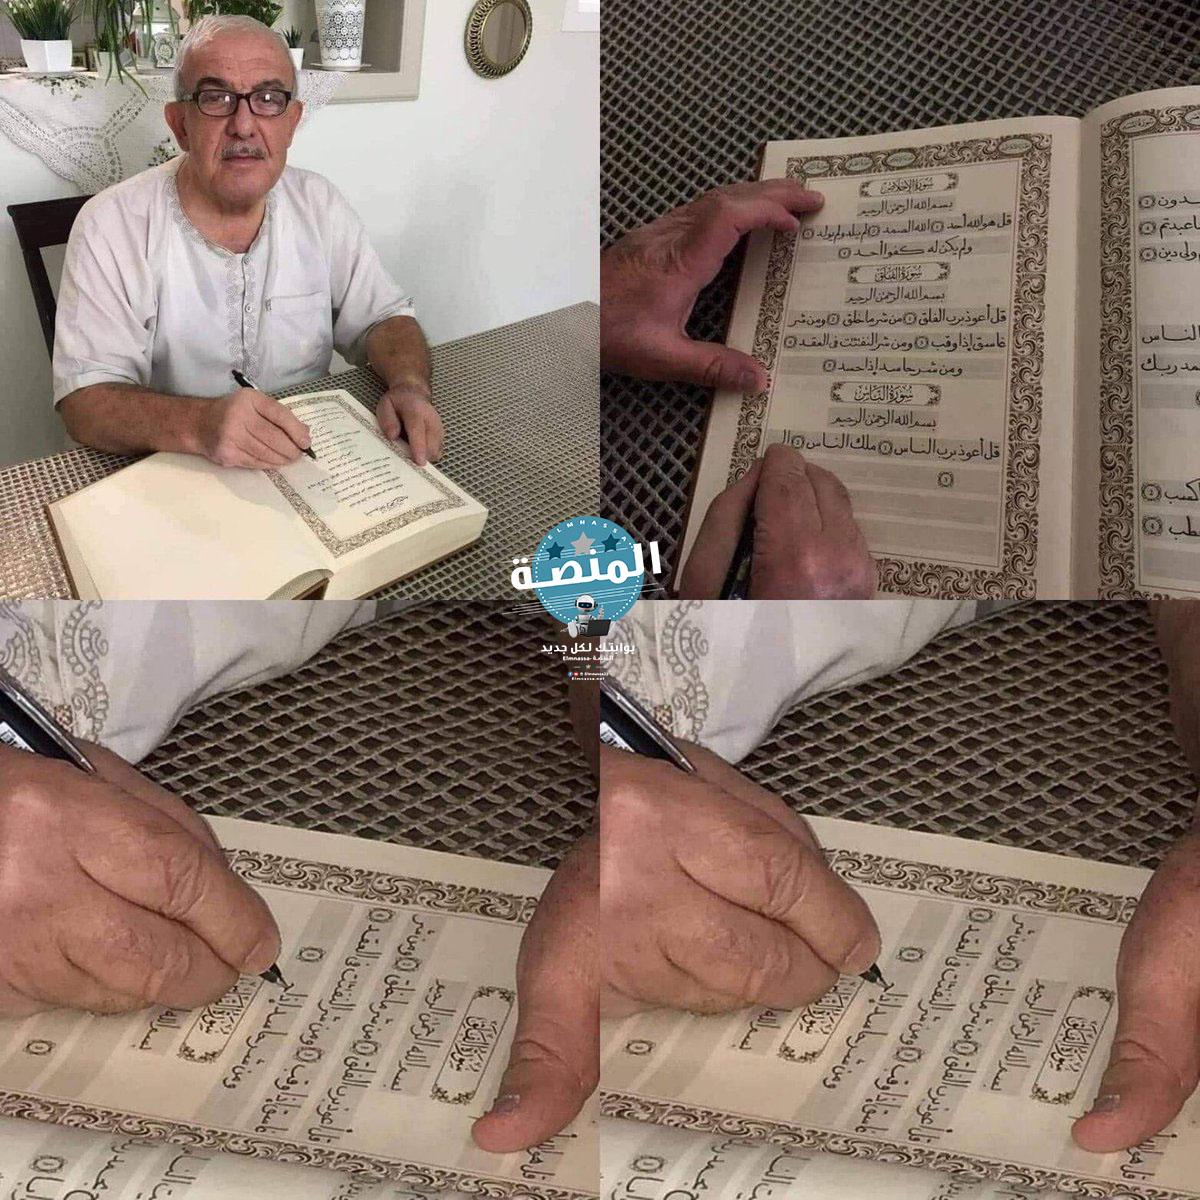 الخطاط السوري أحمد نجيب ينهي كتابة القرآن الكريم بعد 3 سنين